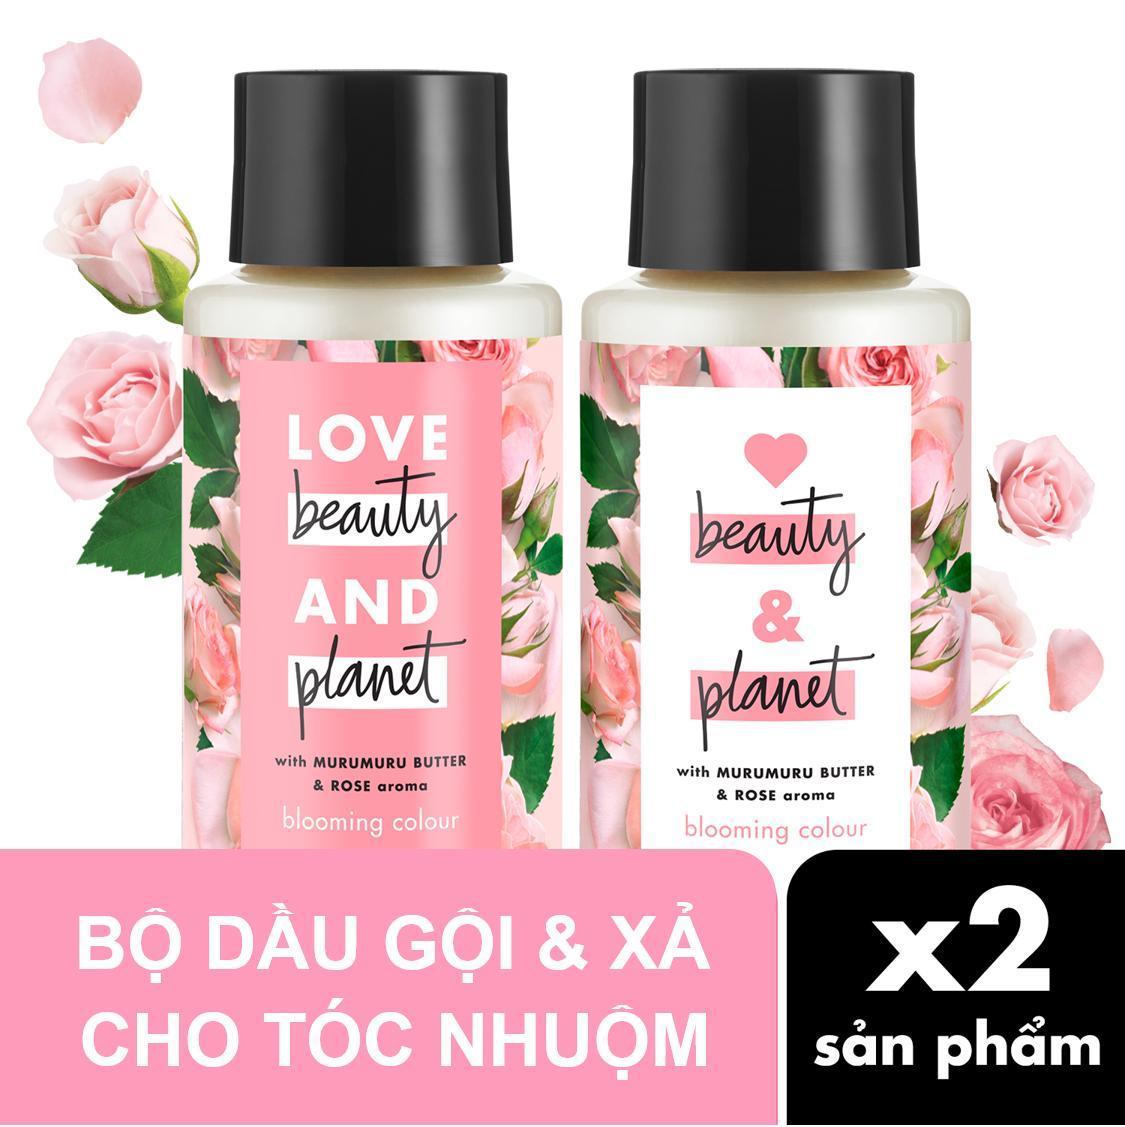 Combo chăm sóc tóc nhuộm dầu gội & dầu xả Love Beauty & Planet 400ml tốt nhất